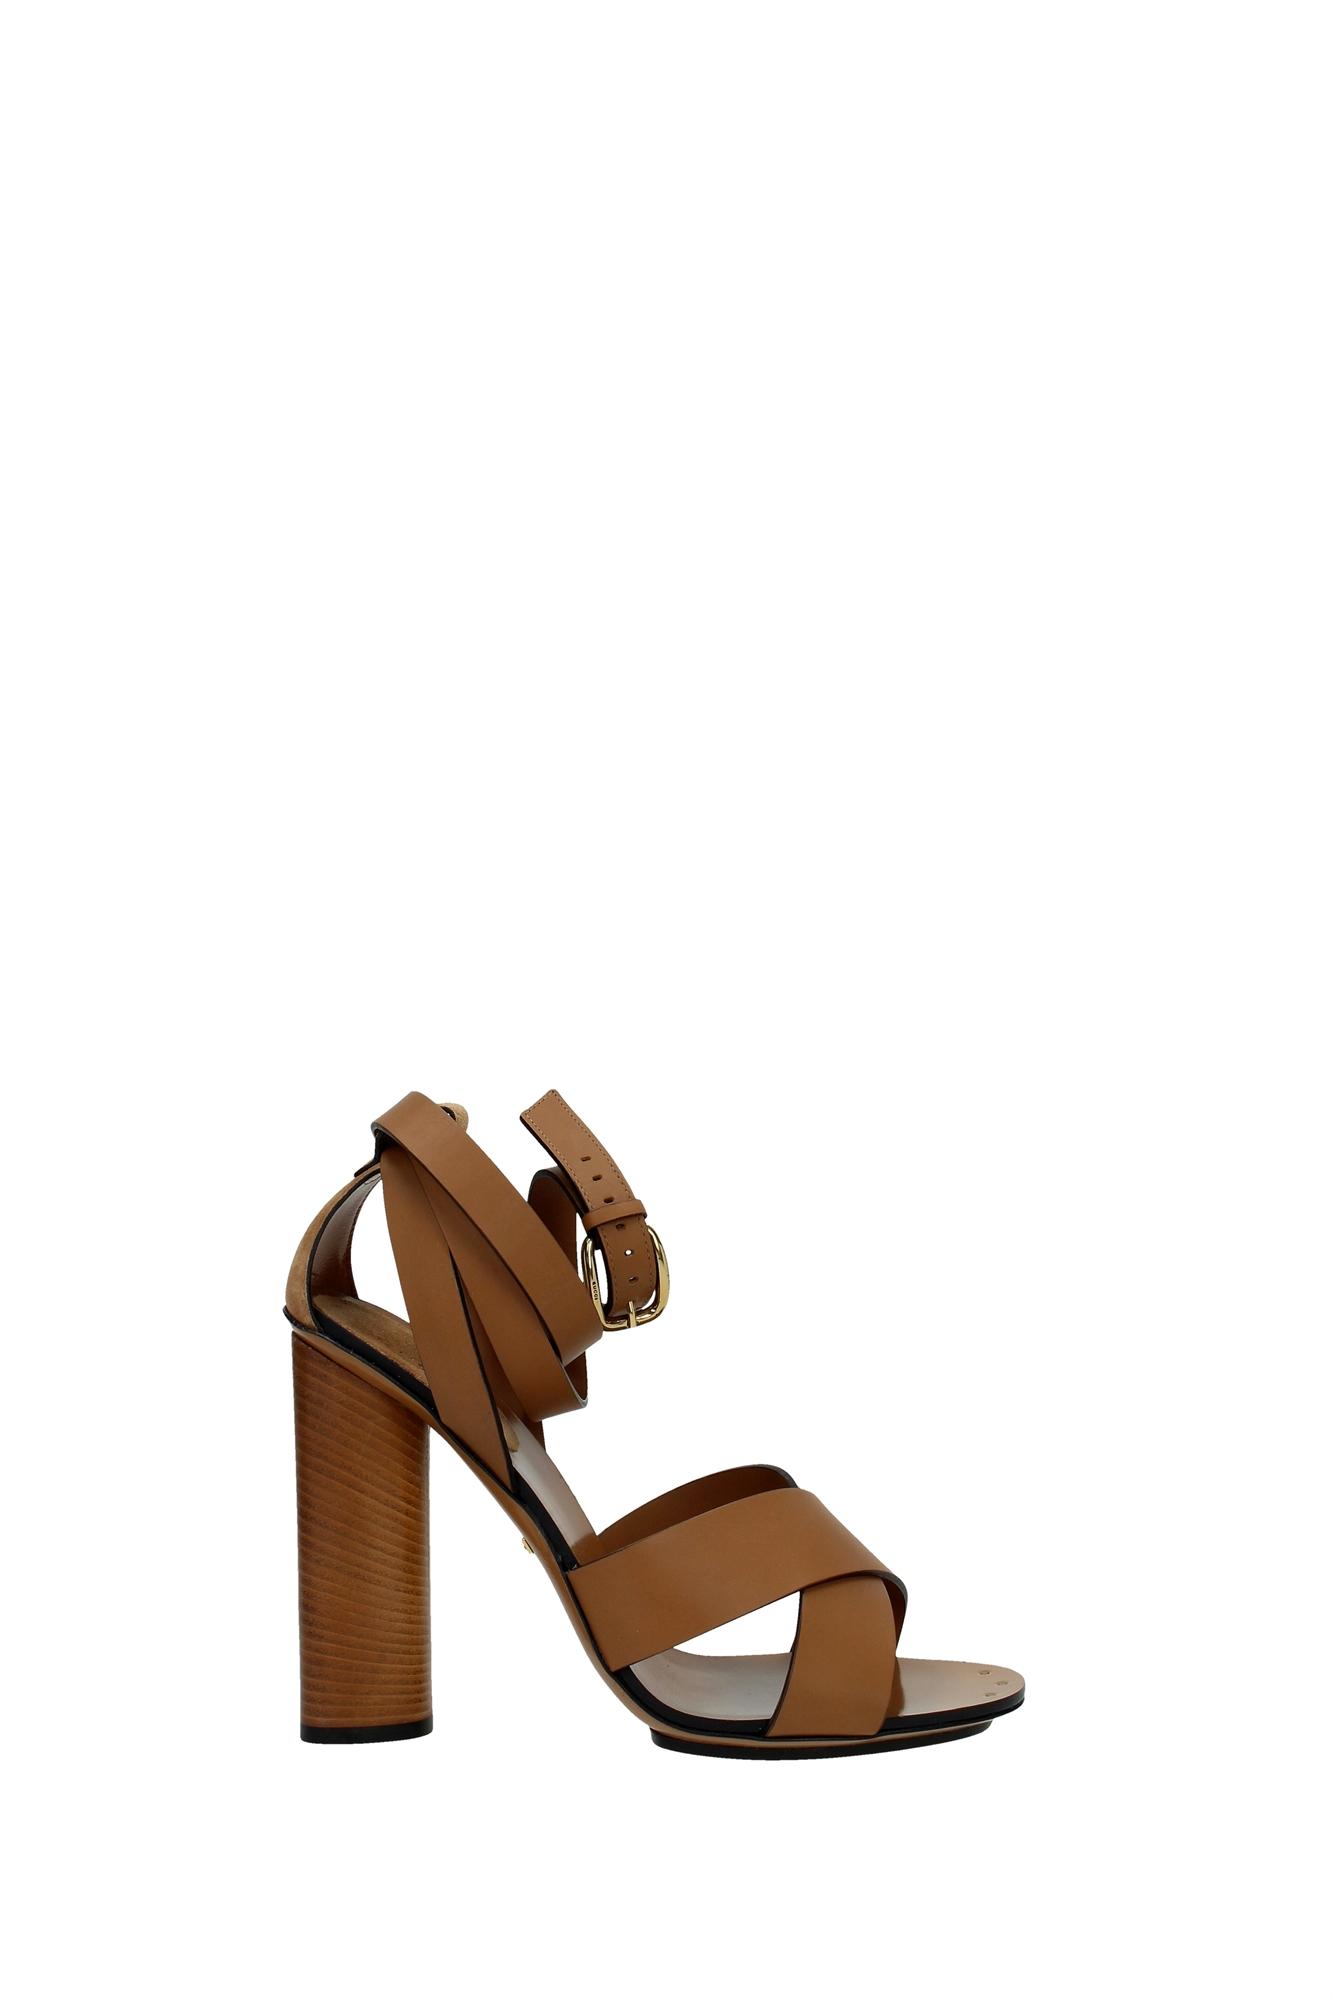 sandalen gucci damen leder braun 381393aemt02613 ebay. Black Bedroom Furniture Sets. Home Design Ideas